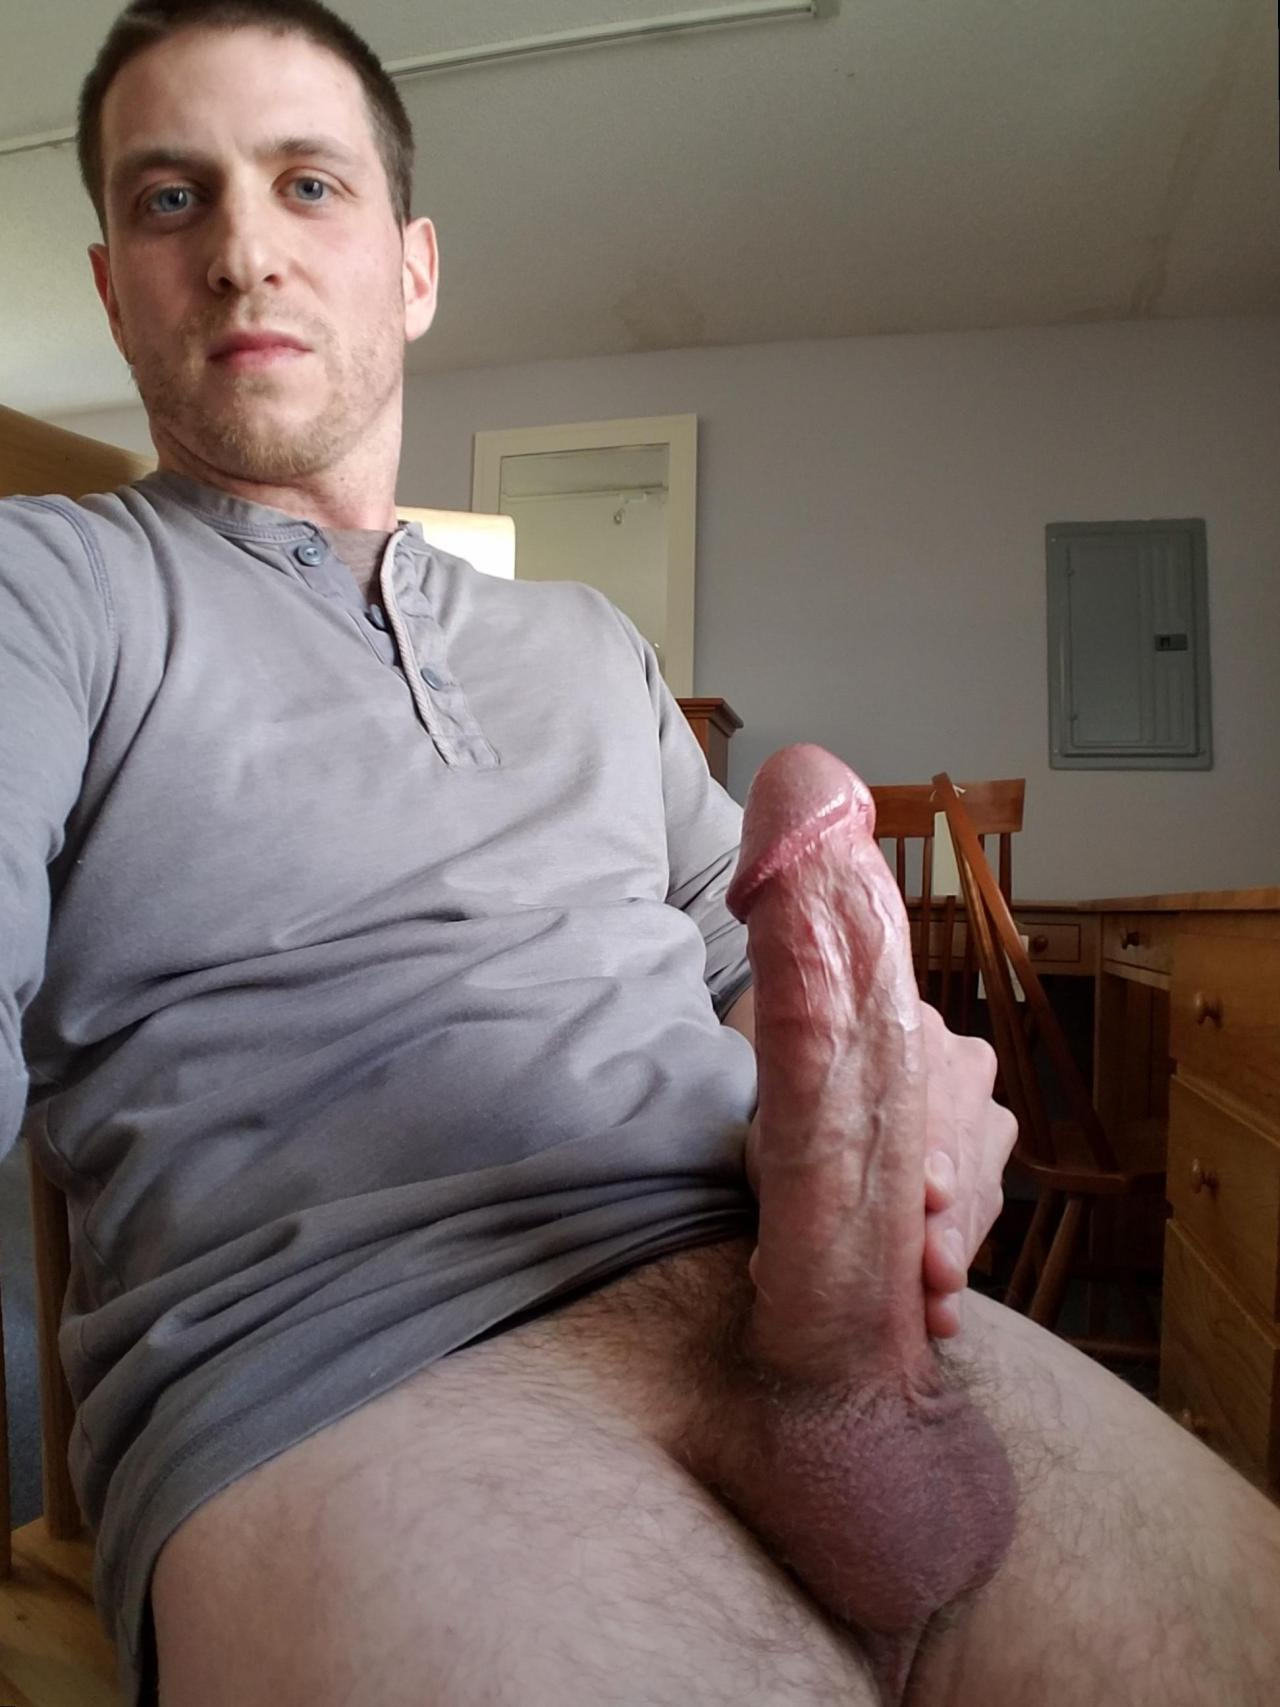 Se alquila macho hetero activo-2061